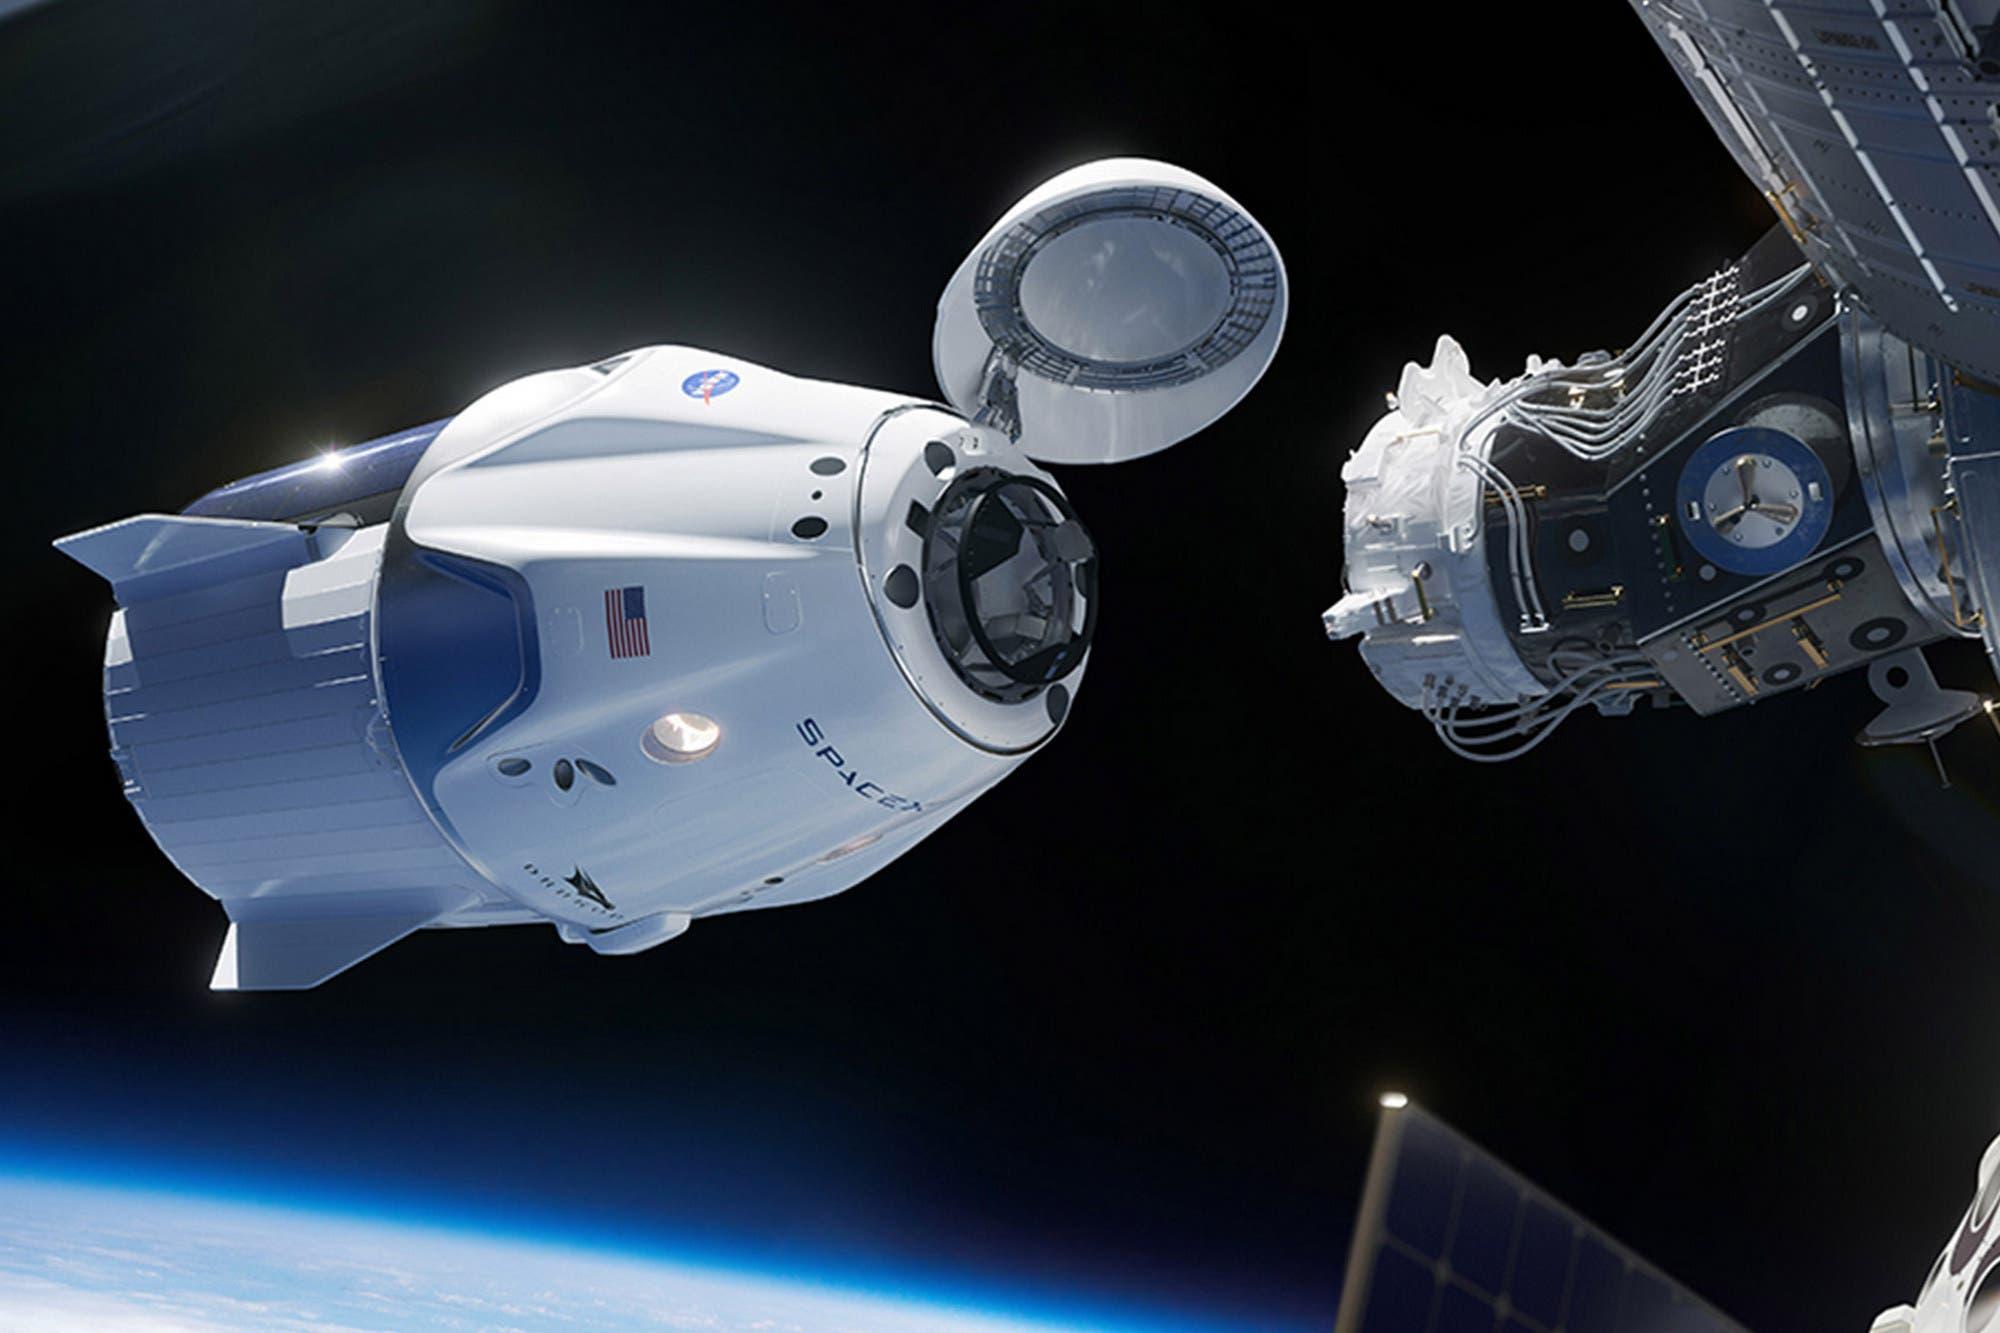 NASA y SpaceX: cuántas horas de viaje tendrá la cápsula Crew Dragon para llegar a la Estación Espacial Internacional